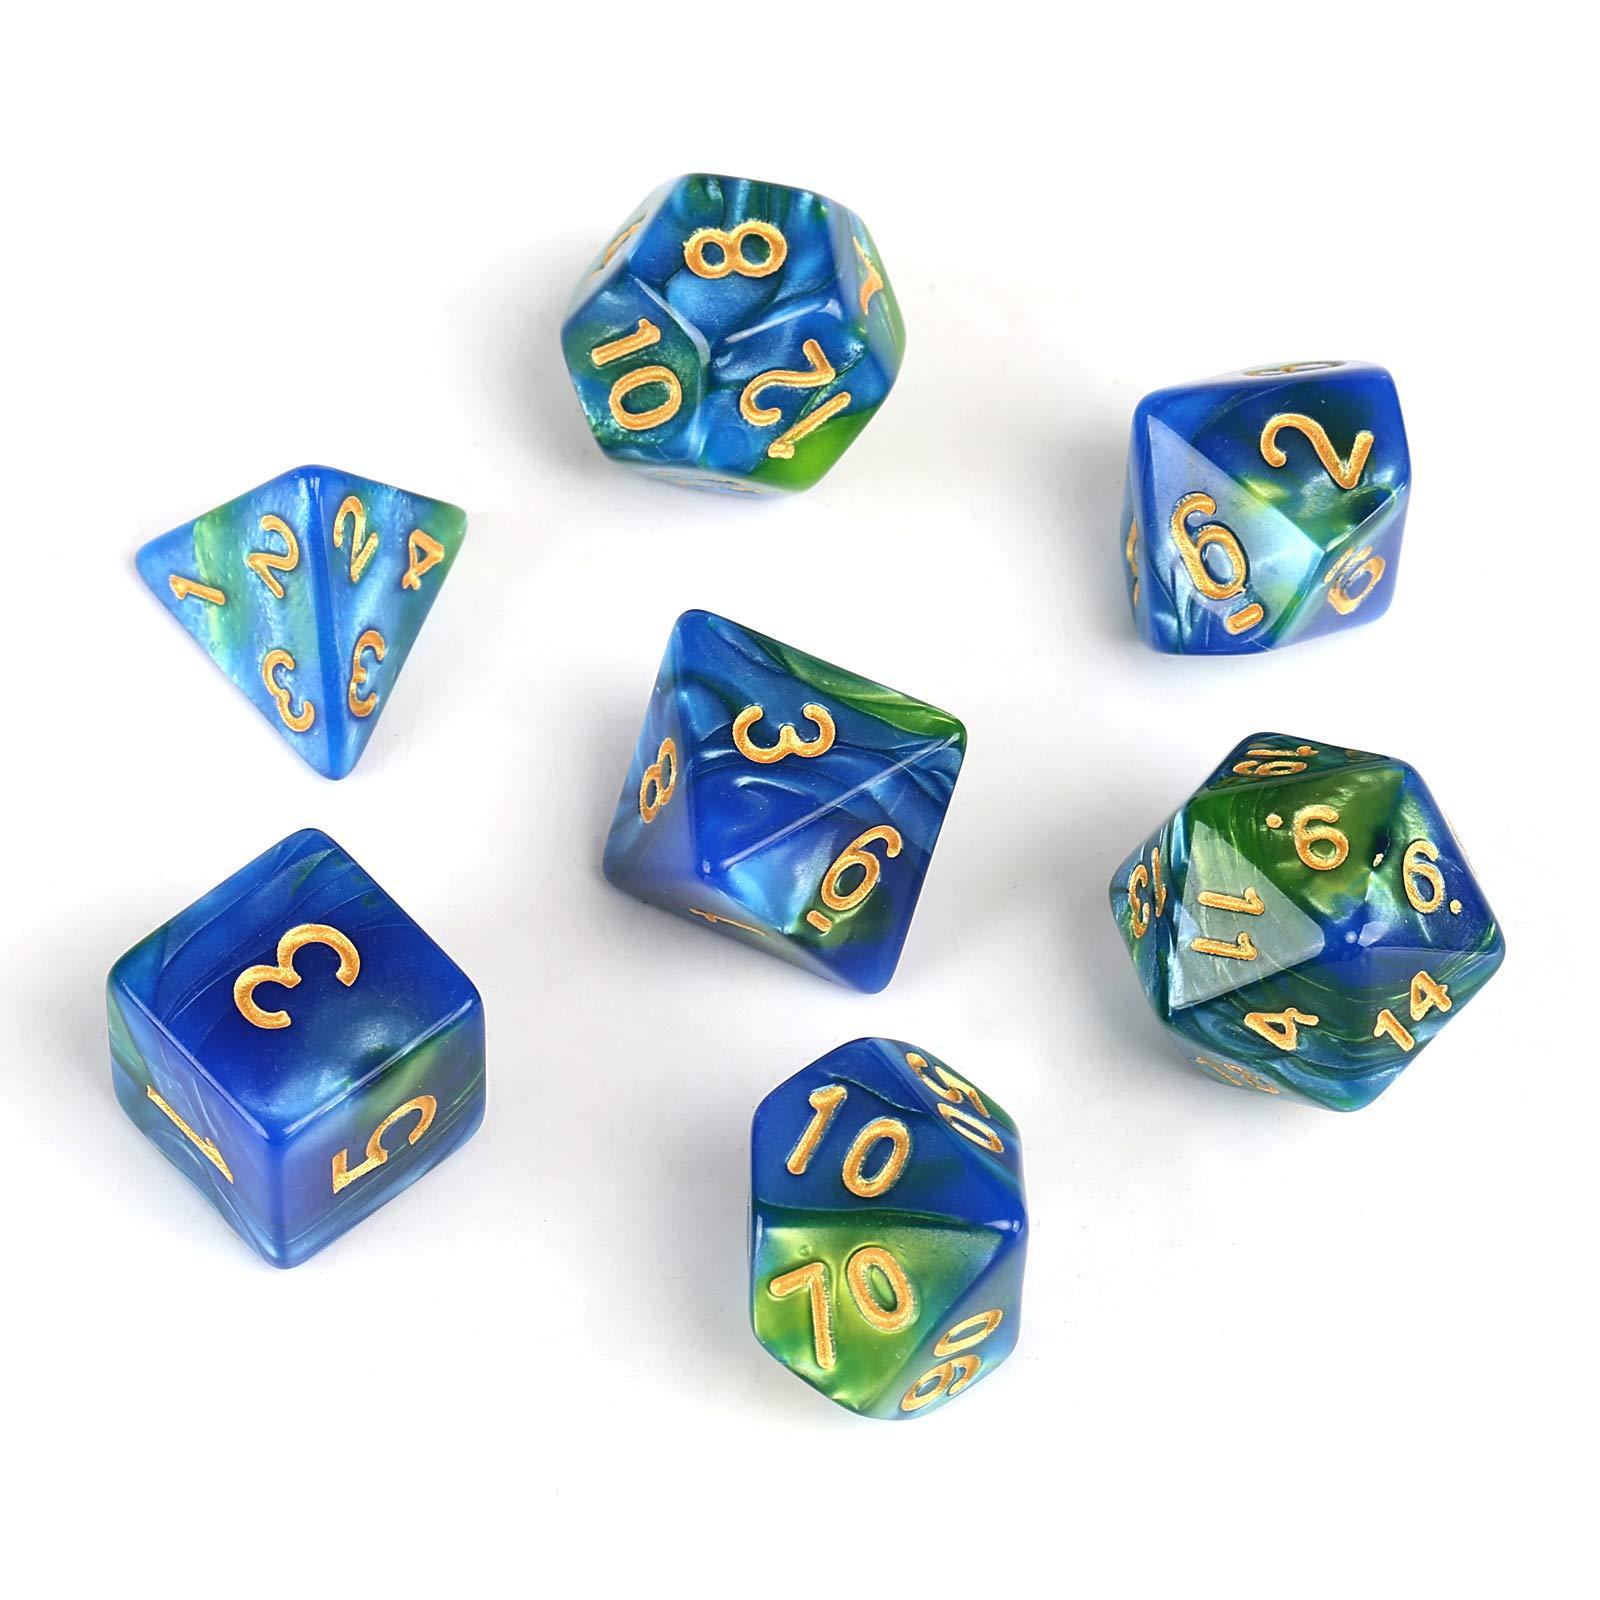 GWHOLE 7 Piezas Dados Poliédricos Dados para Juegos de rol y Mesa Dungeons y Dragons DND RPG MTG con Bolsa Negra (Verde Azul): Amazon.es: Juguetes y juegos